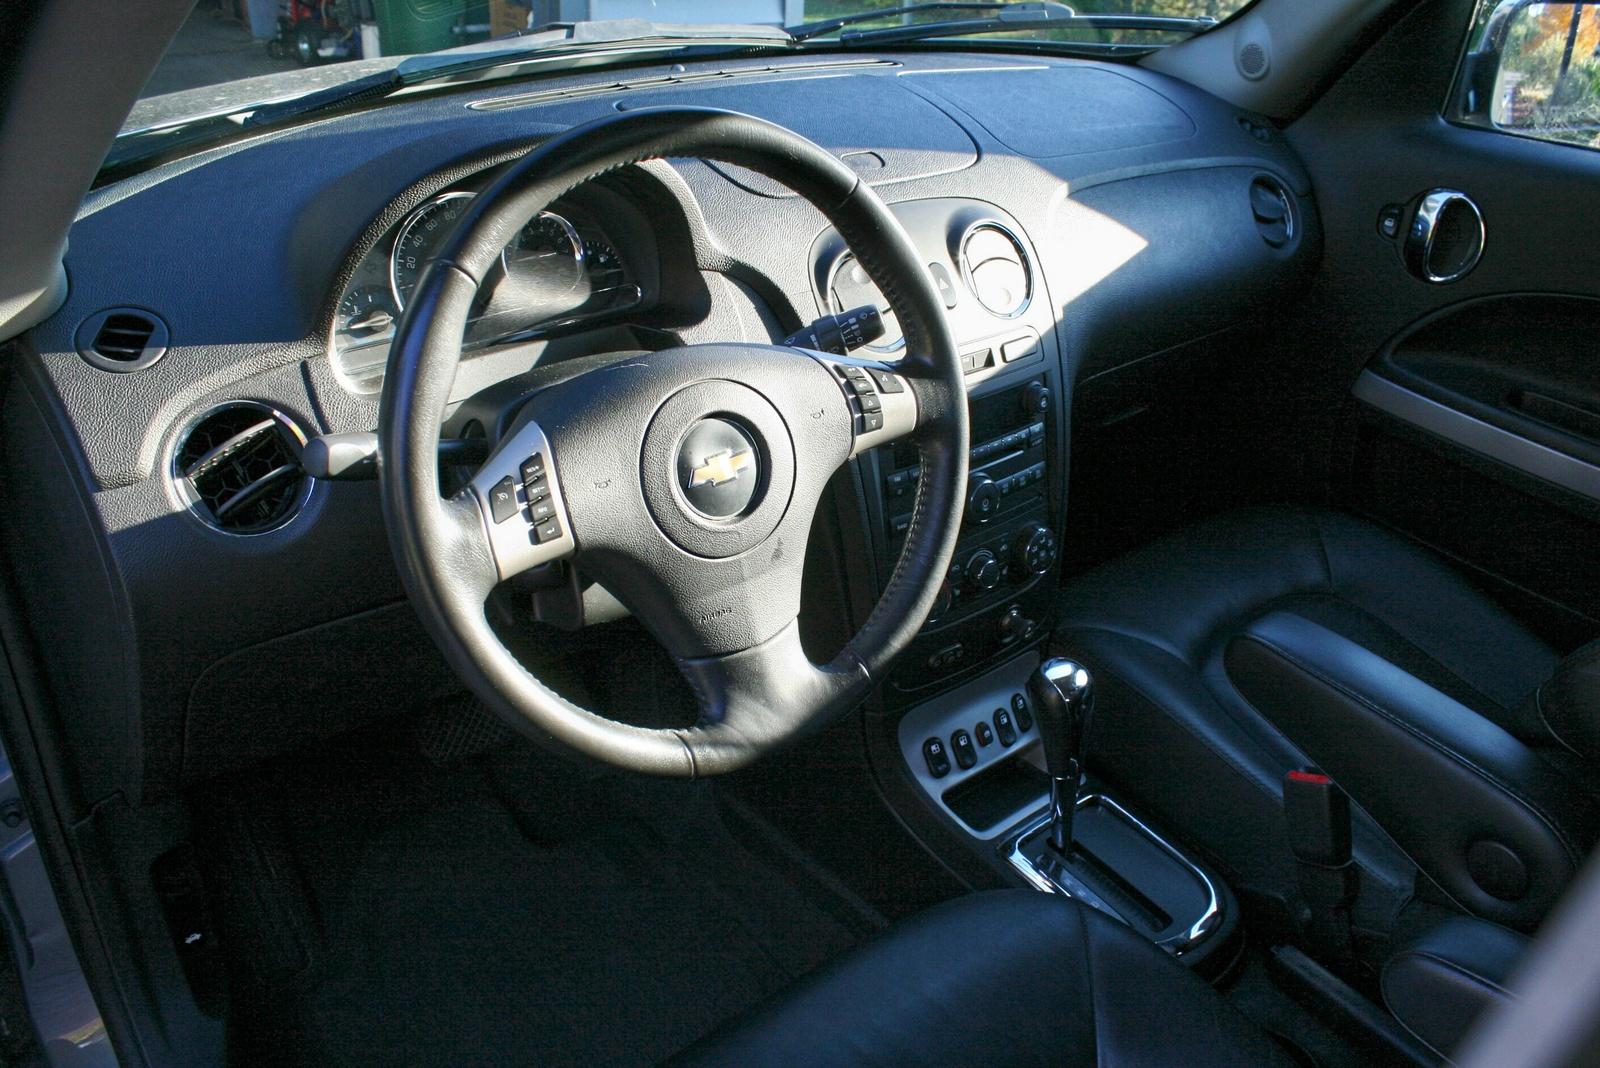 Used Chevy Equinox >> 2007 Chevrolet HHR - Pictures - CarGurus